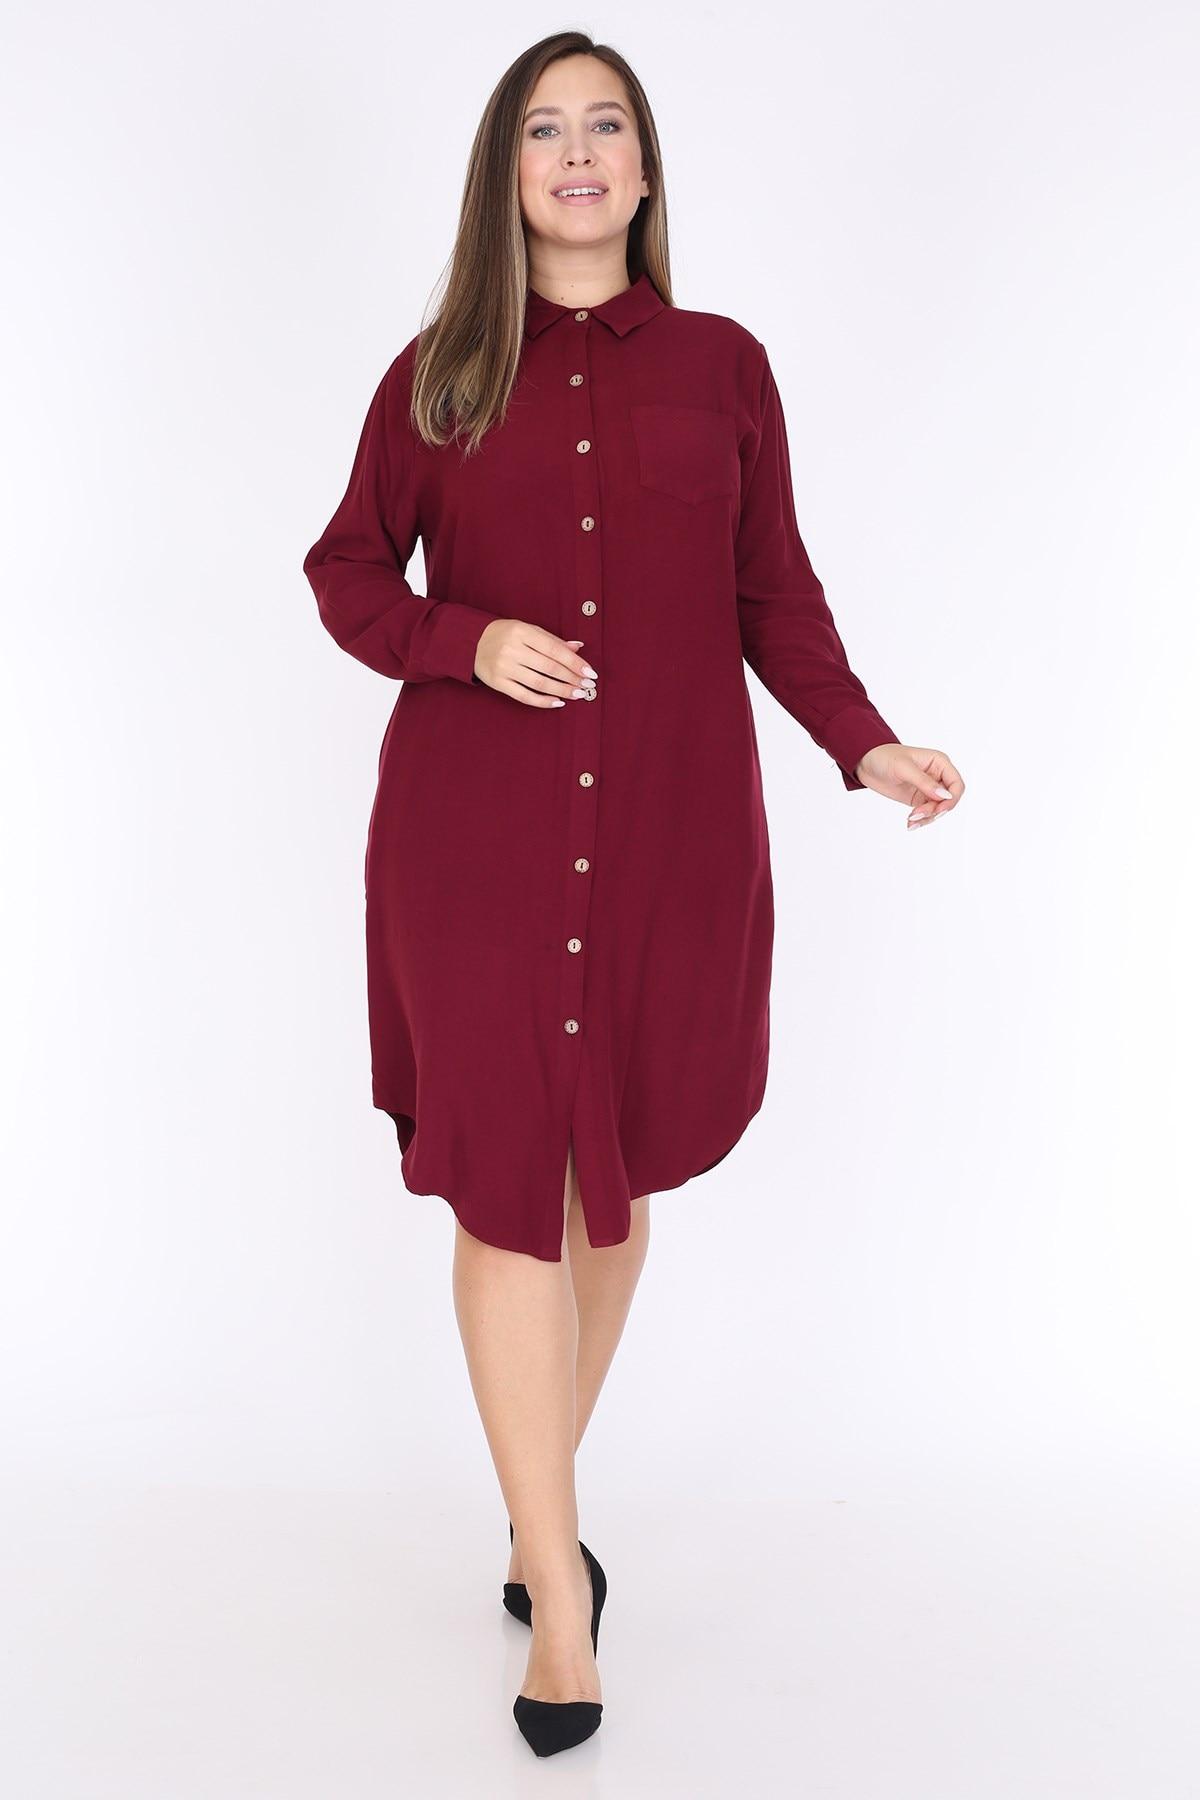 Feminino plus tamanho manga comprida bolso detalhe camisa vestido borgonha 1594